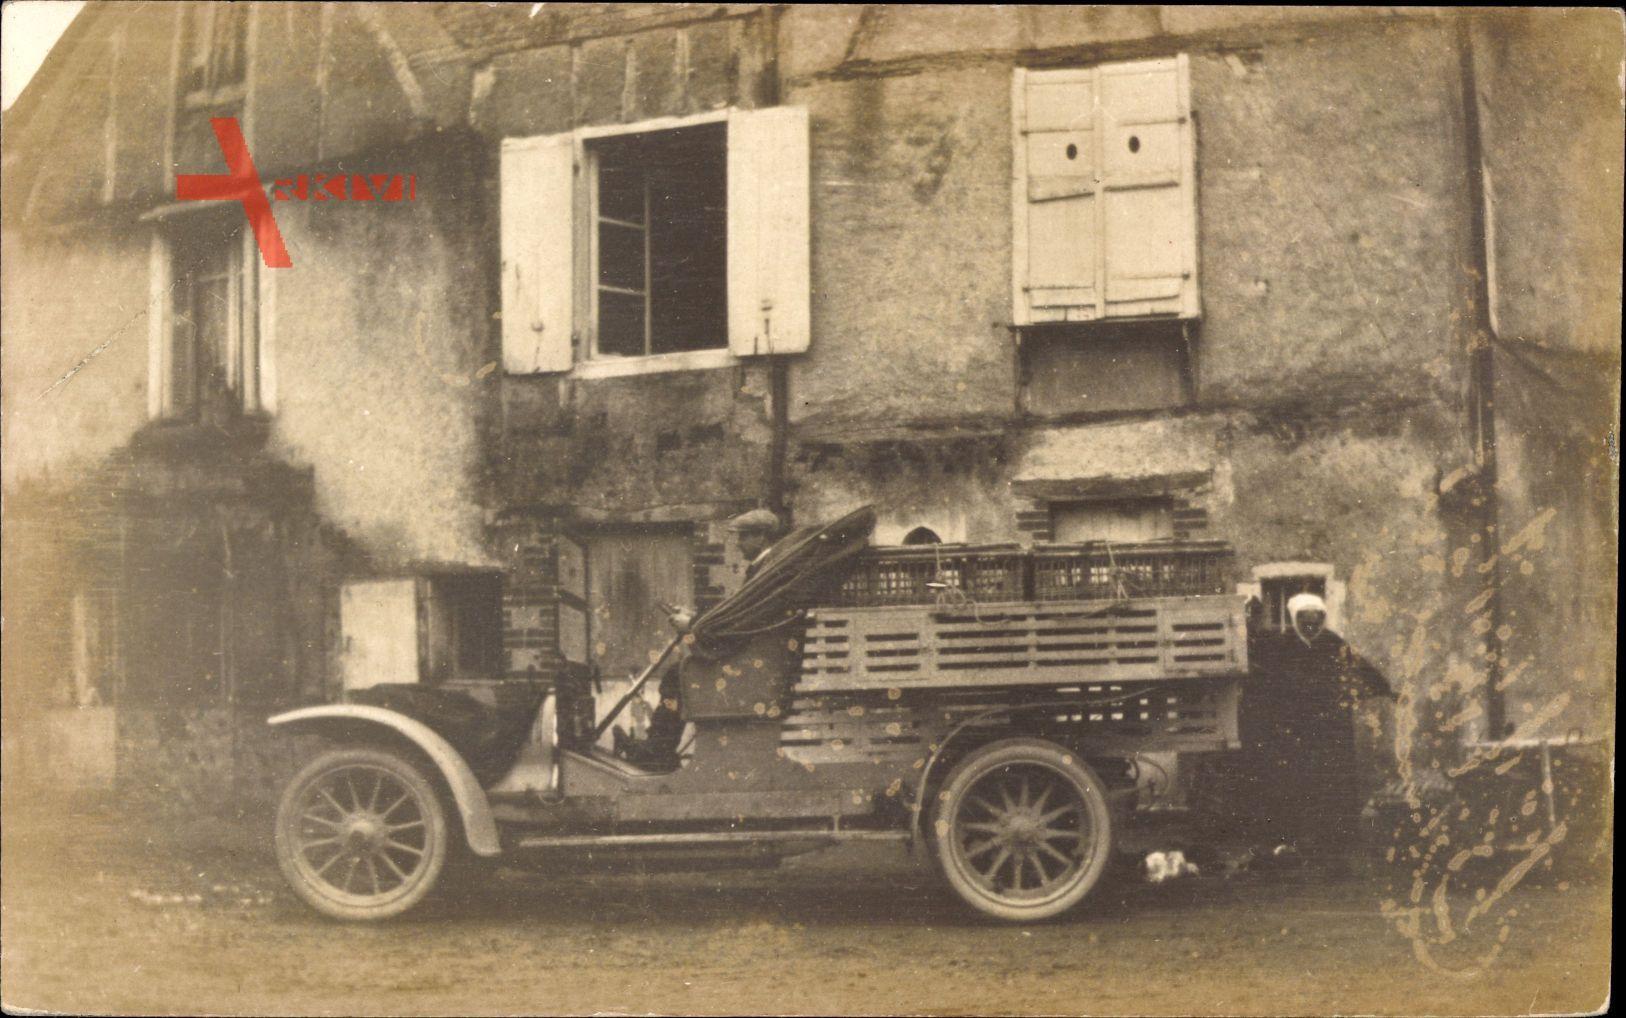 Frankreich, Bauernhof, LKW, Käfige auf der Ladefläche